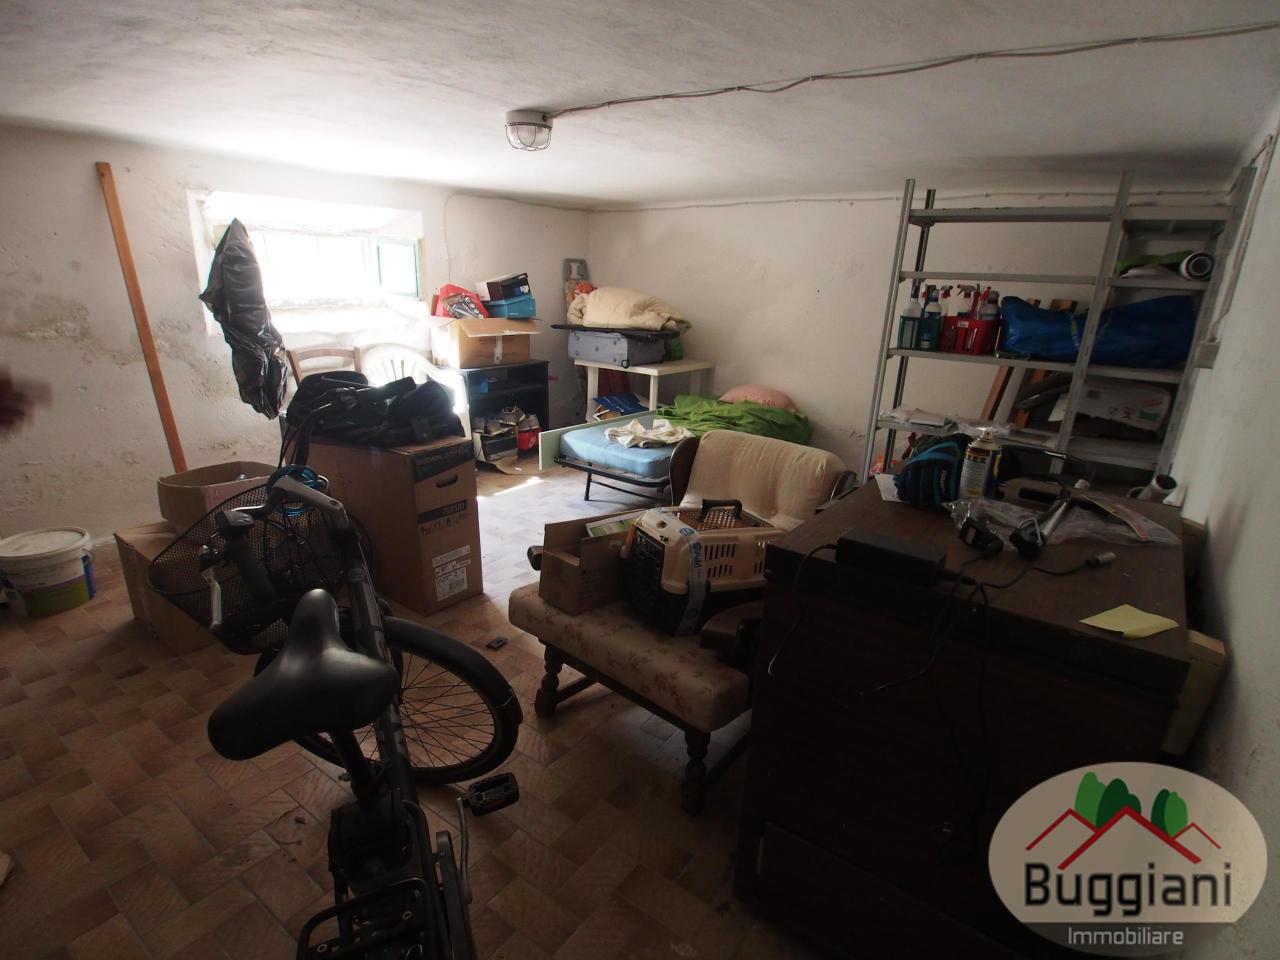 Appartamento in vendita RIF. 2451, San Miniato (PI)